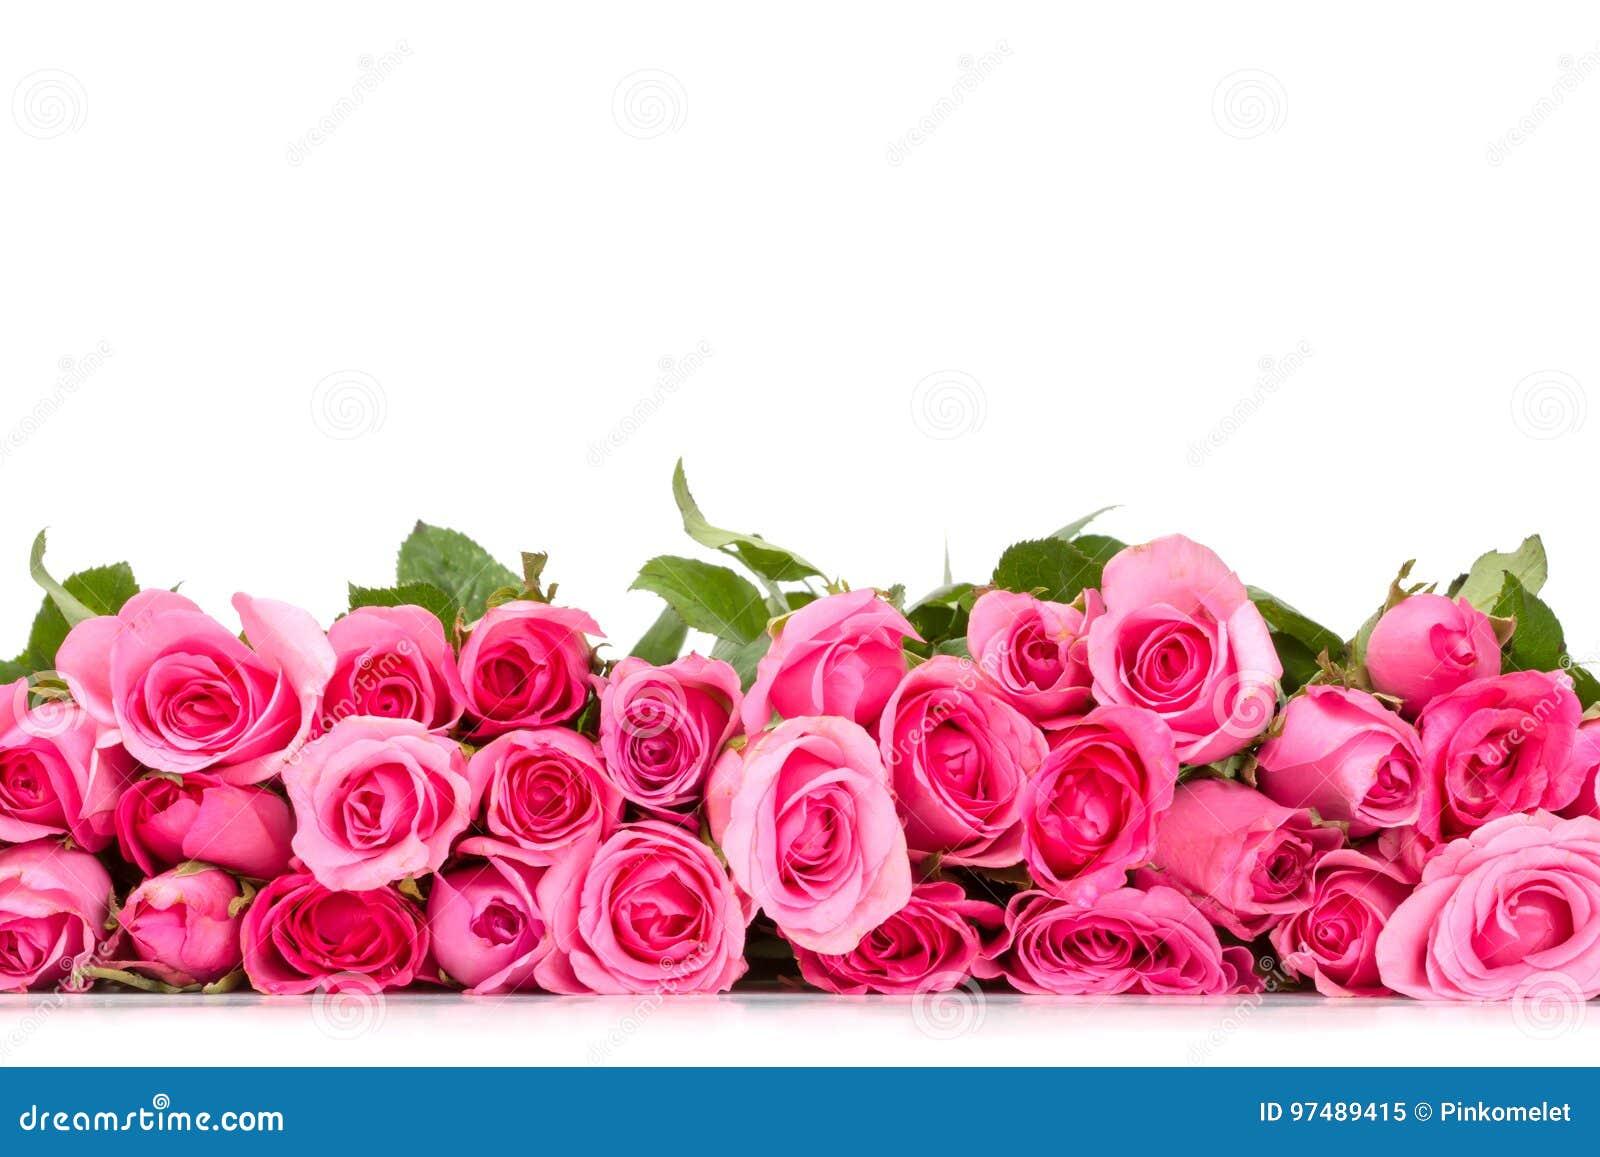 Frontière De La Belle Rose Douce Fraîche De Rose Pour L